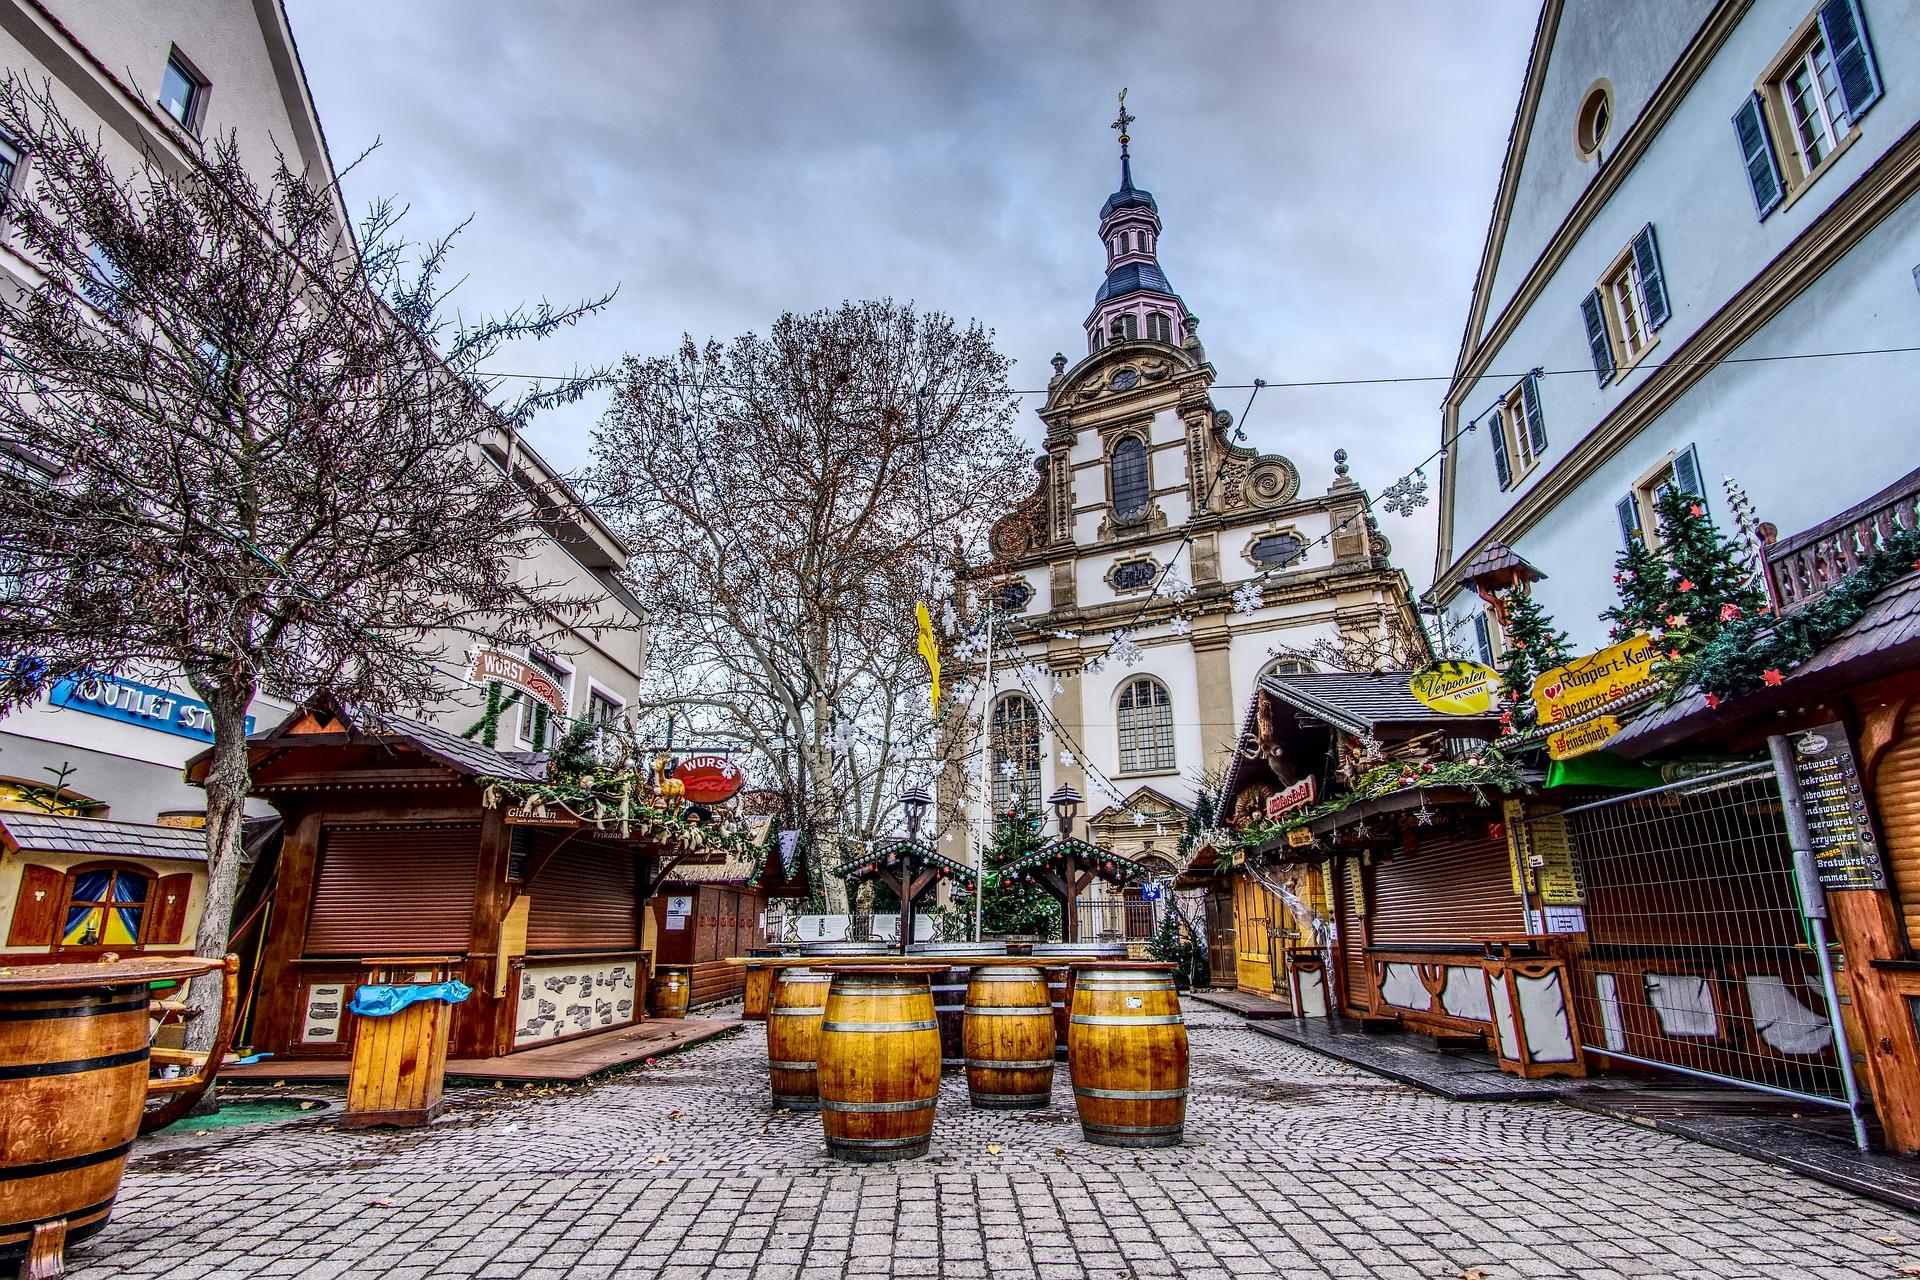 christmas market 4603893 1920.jpg - Découvrez les plus beaux marchés de Noël de France et d'Europe